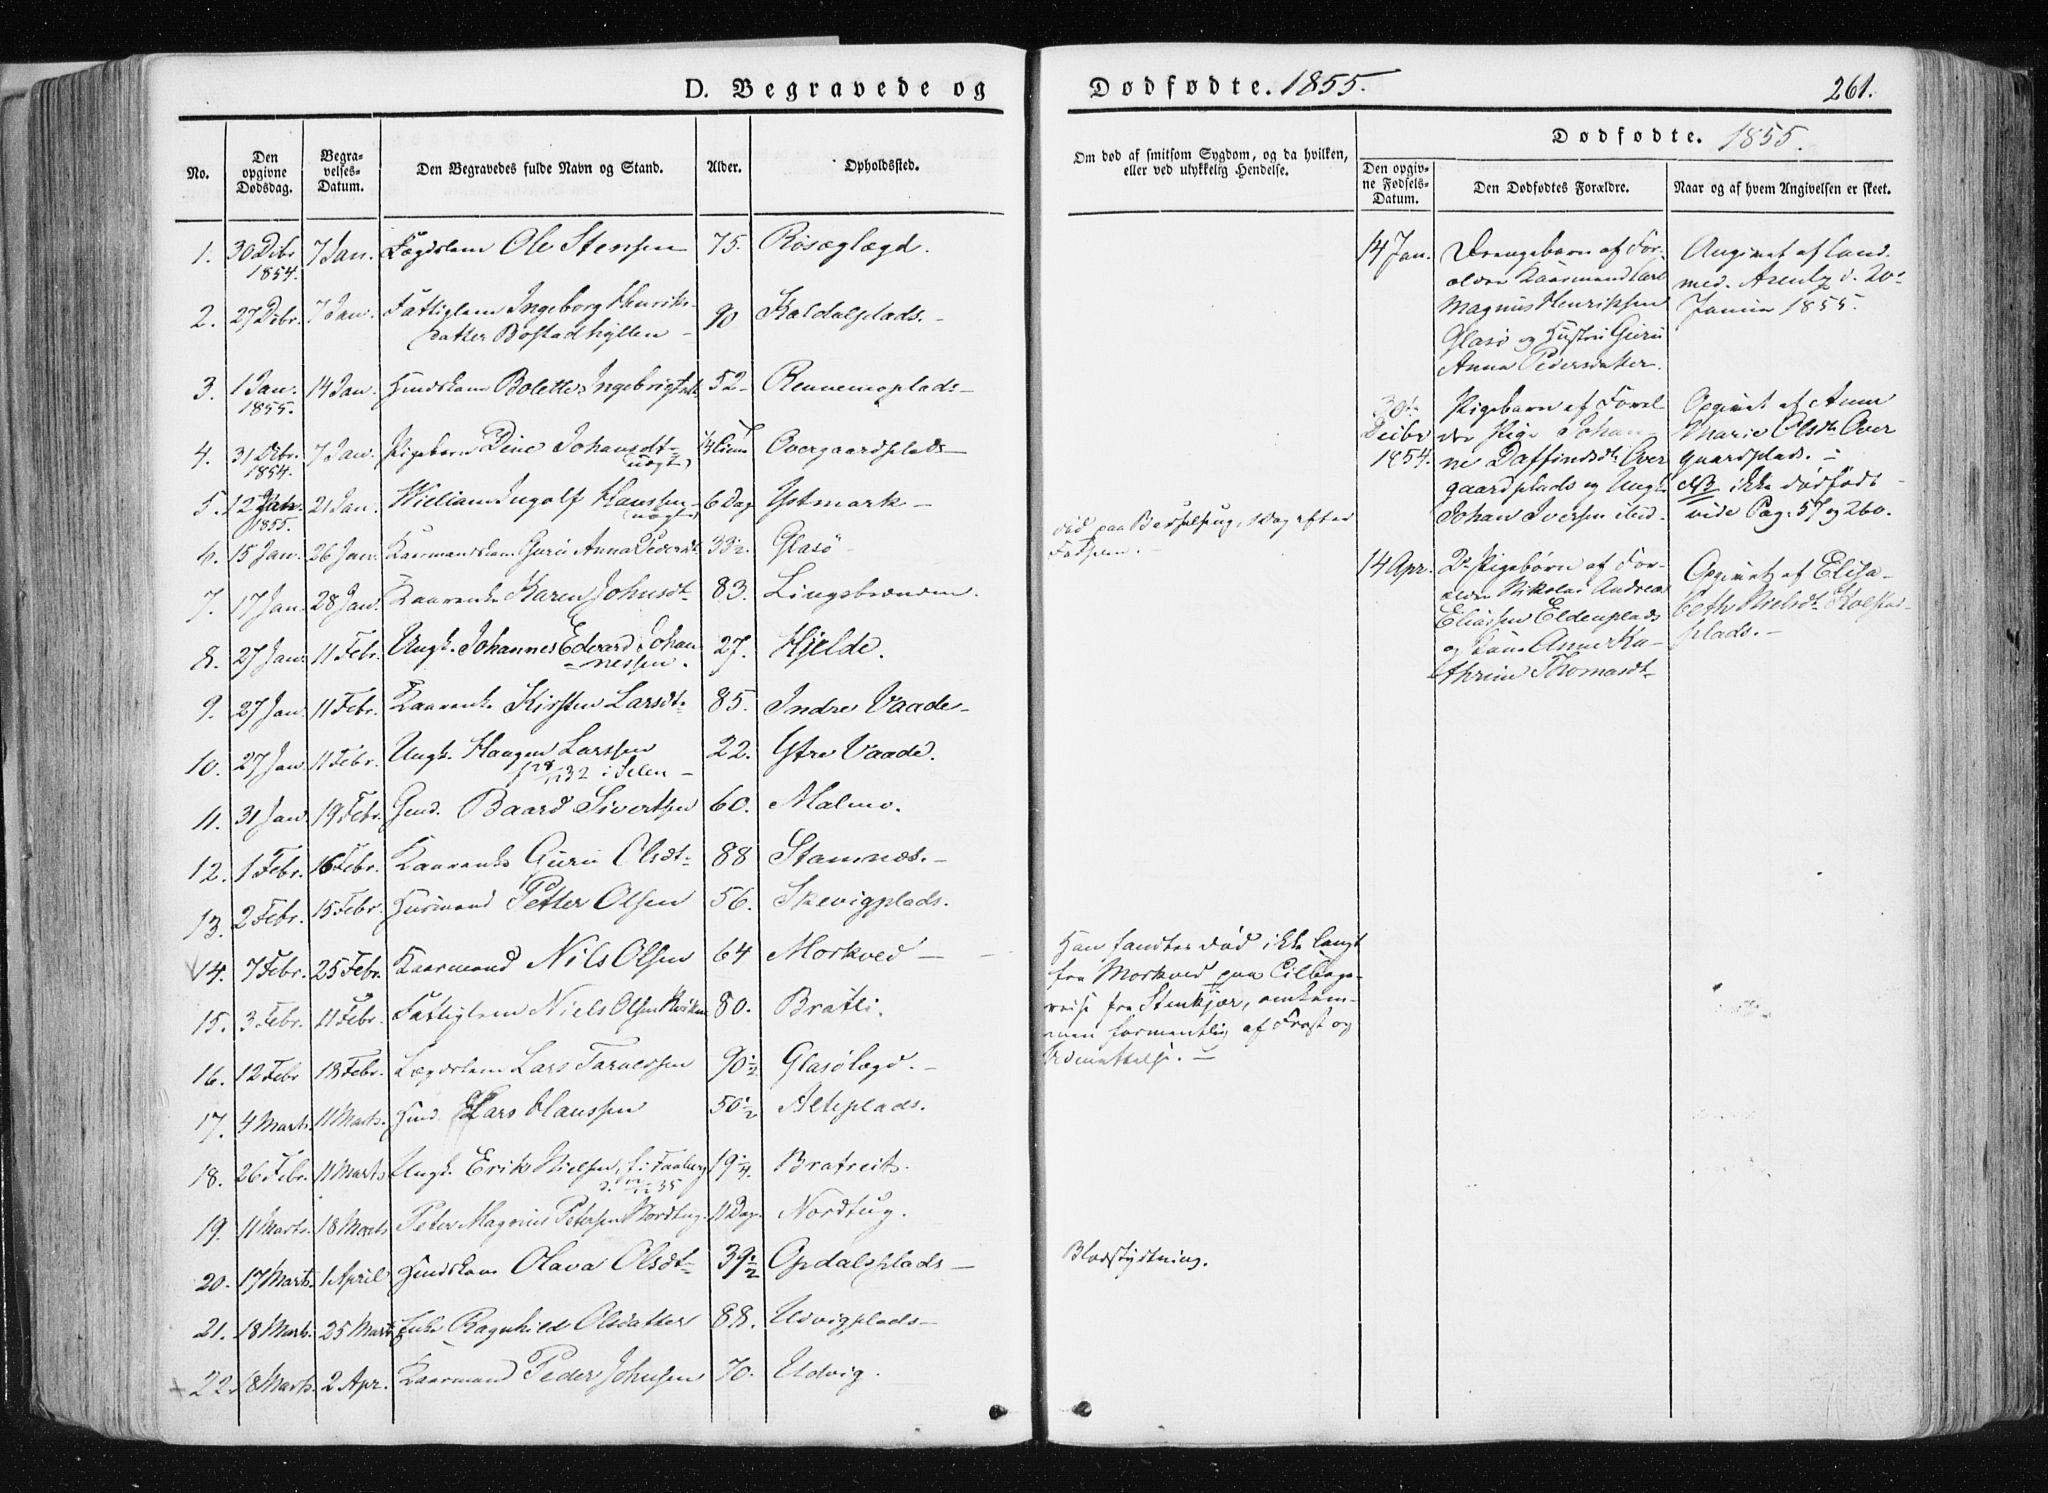 SAT, Ministerialprotokoller, klokkerbøker og fødselsregistre - Nord-Trøndelag, 741/L0393: Ministerialbok nr. 741A07, 1849-1863, s. 261